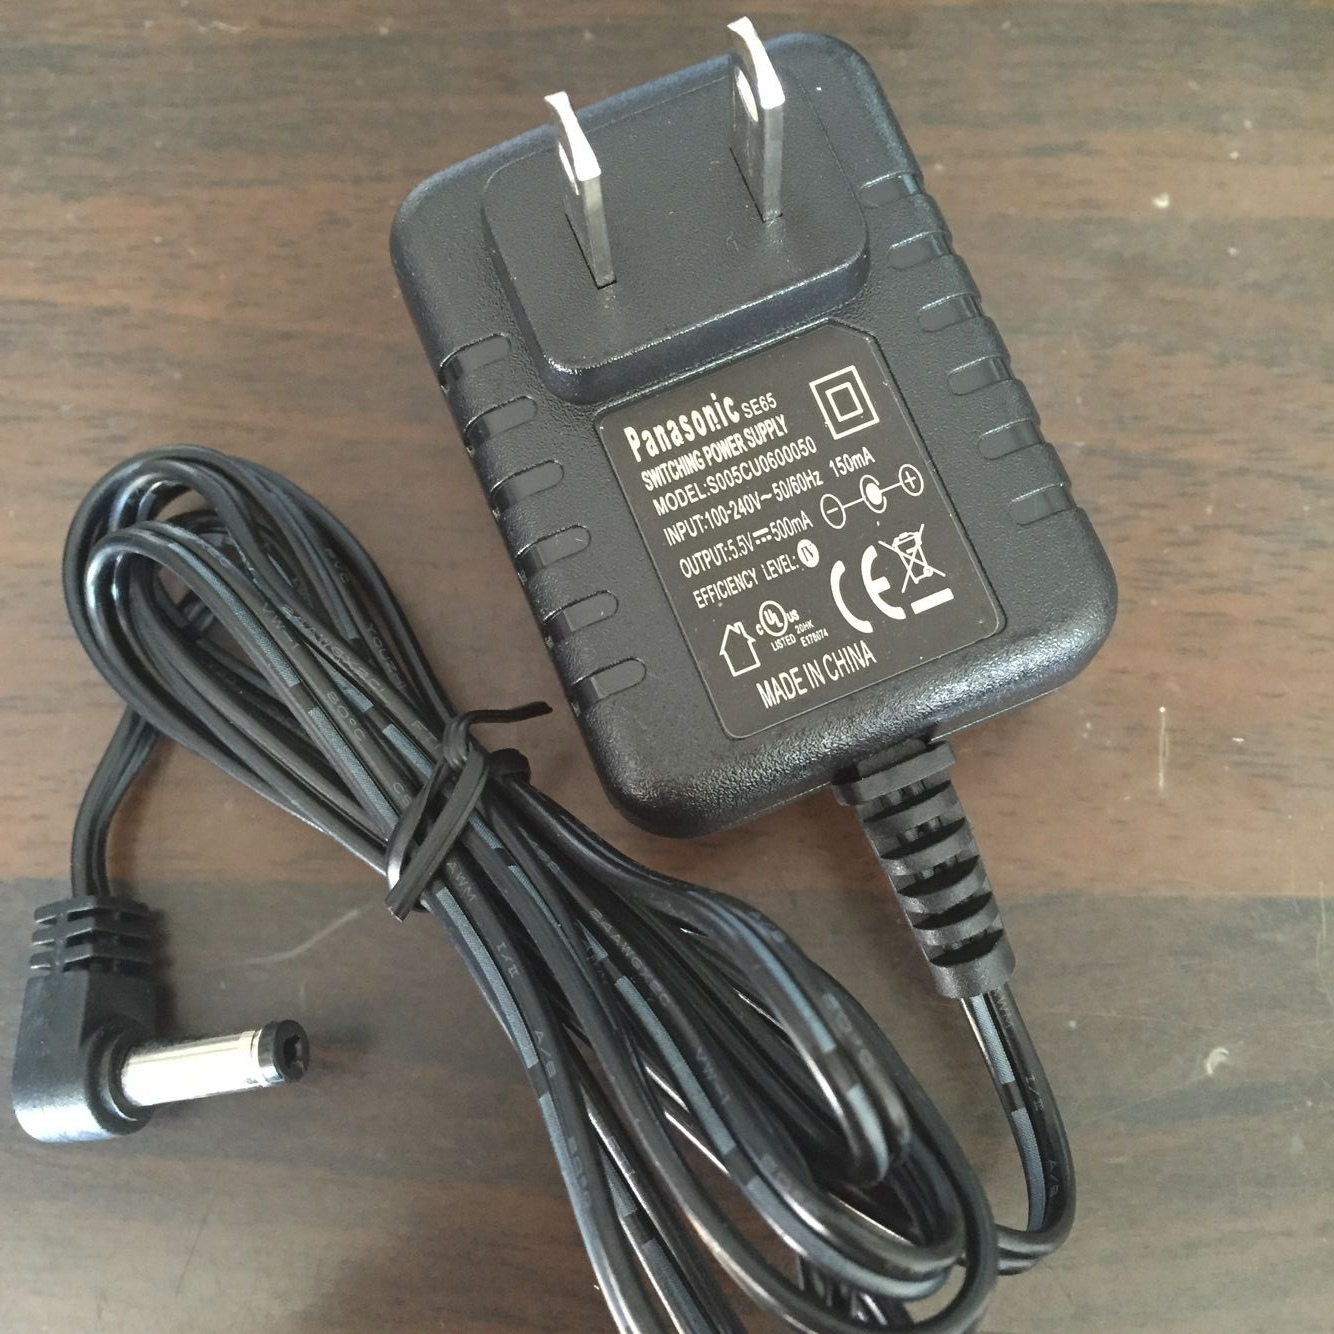 松下无绳电话机子母机电源适配器充电器SE65 220V 5.5V500MA